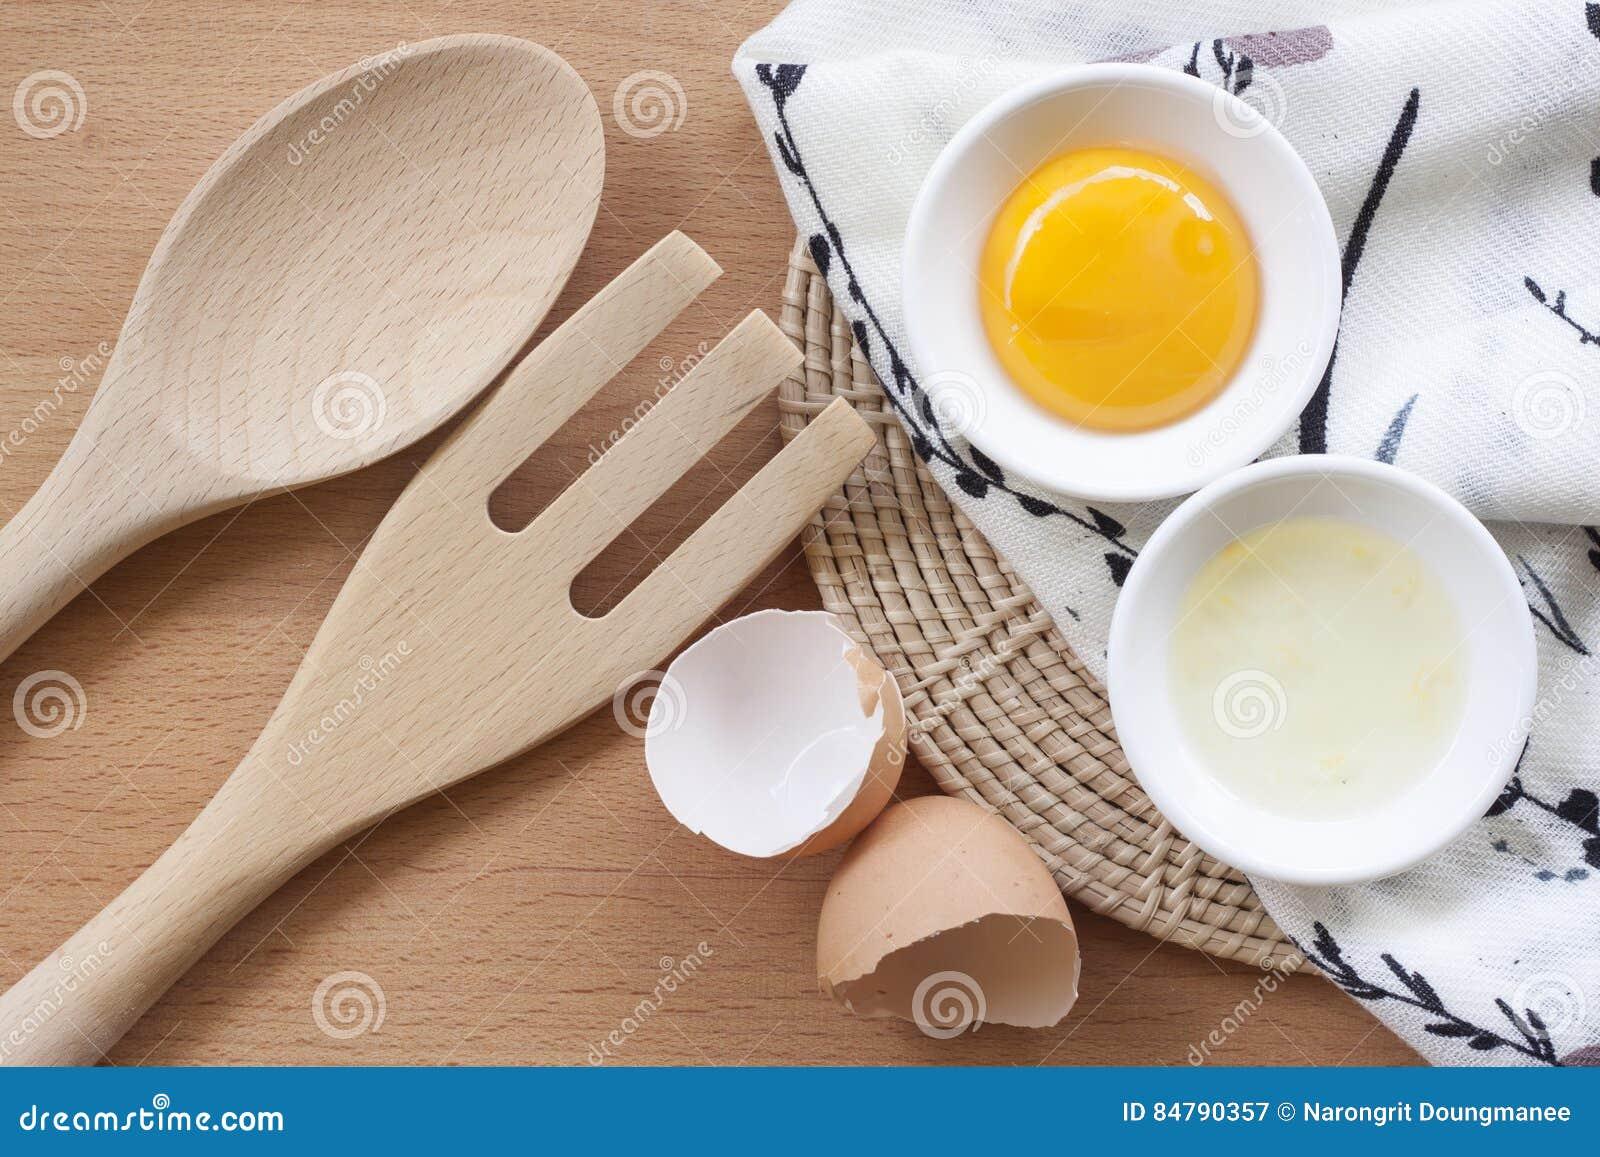 烹调为早餐、蛋白质形式卵黄质和卵蛋白的鸡蛋在白色背景,或者在一张简单的木桌上